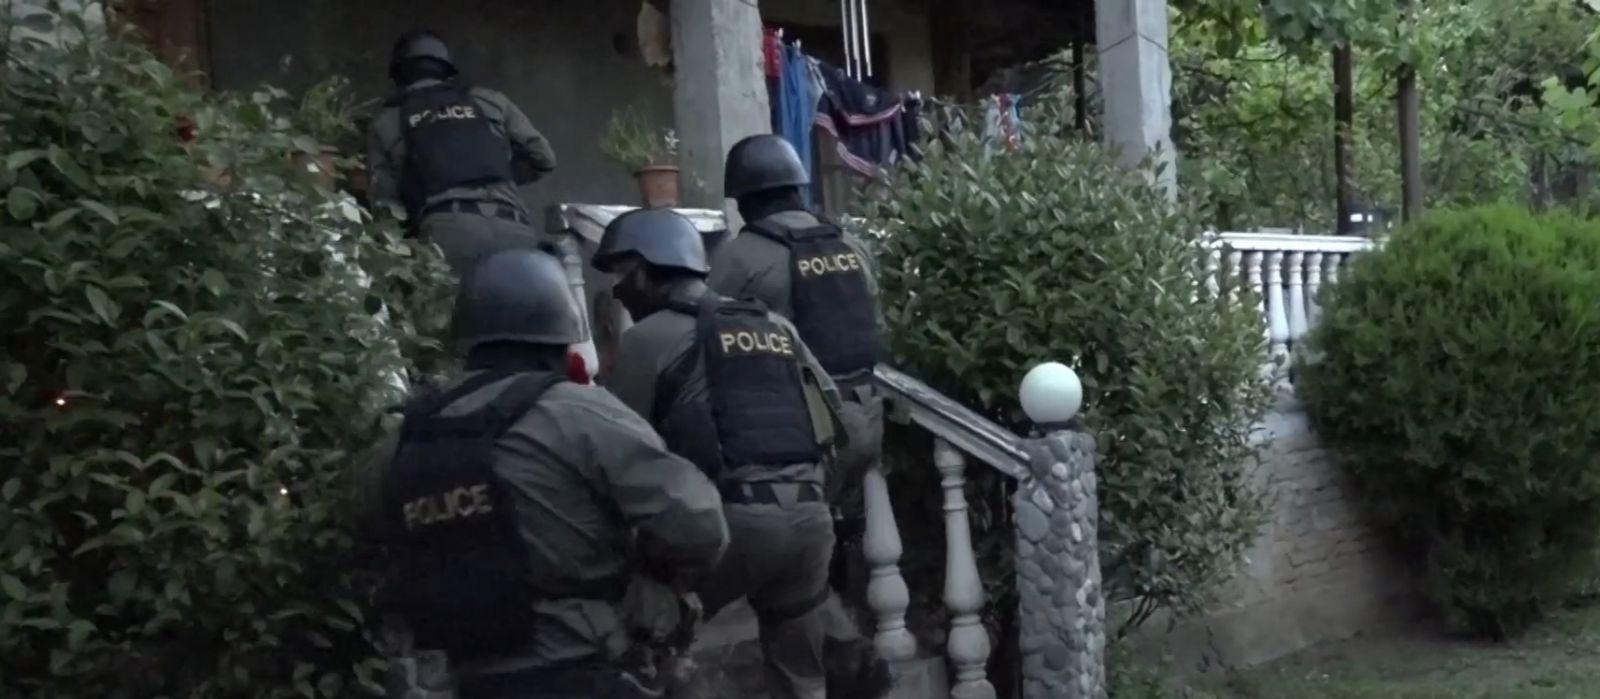 Slider-Xüsusi əməliyyat: Oğru dünyası ilə əlaqəli 13 nəfər saxlanıldı - VİDEO